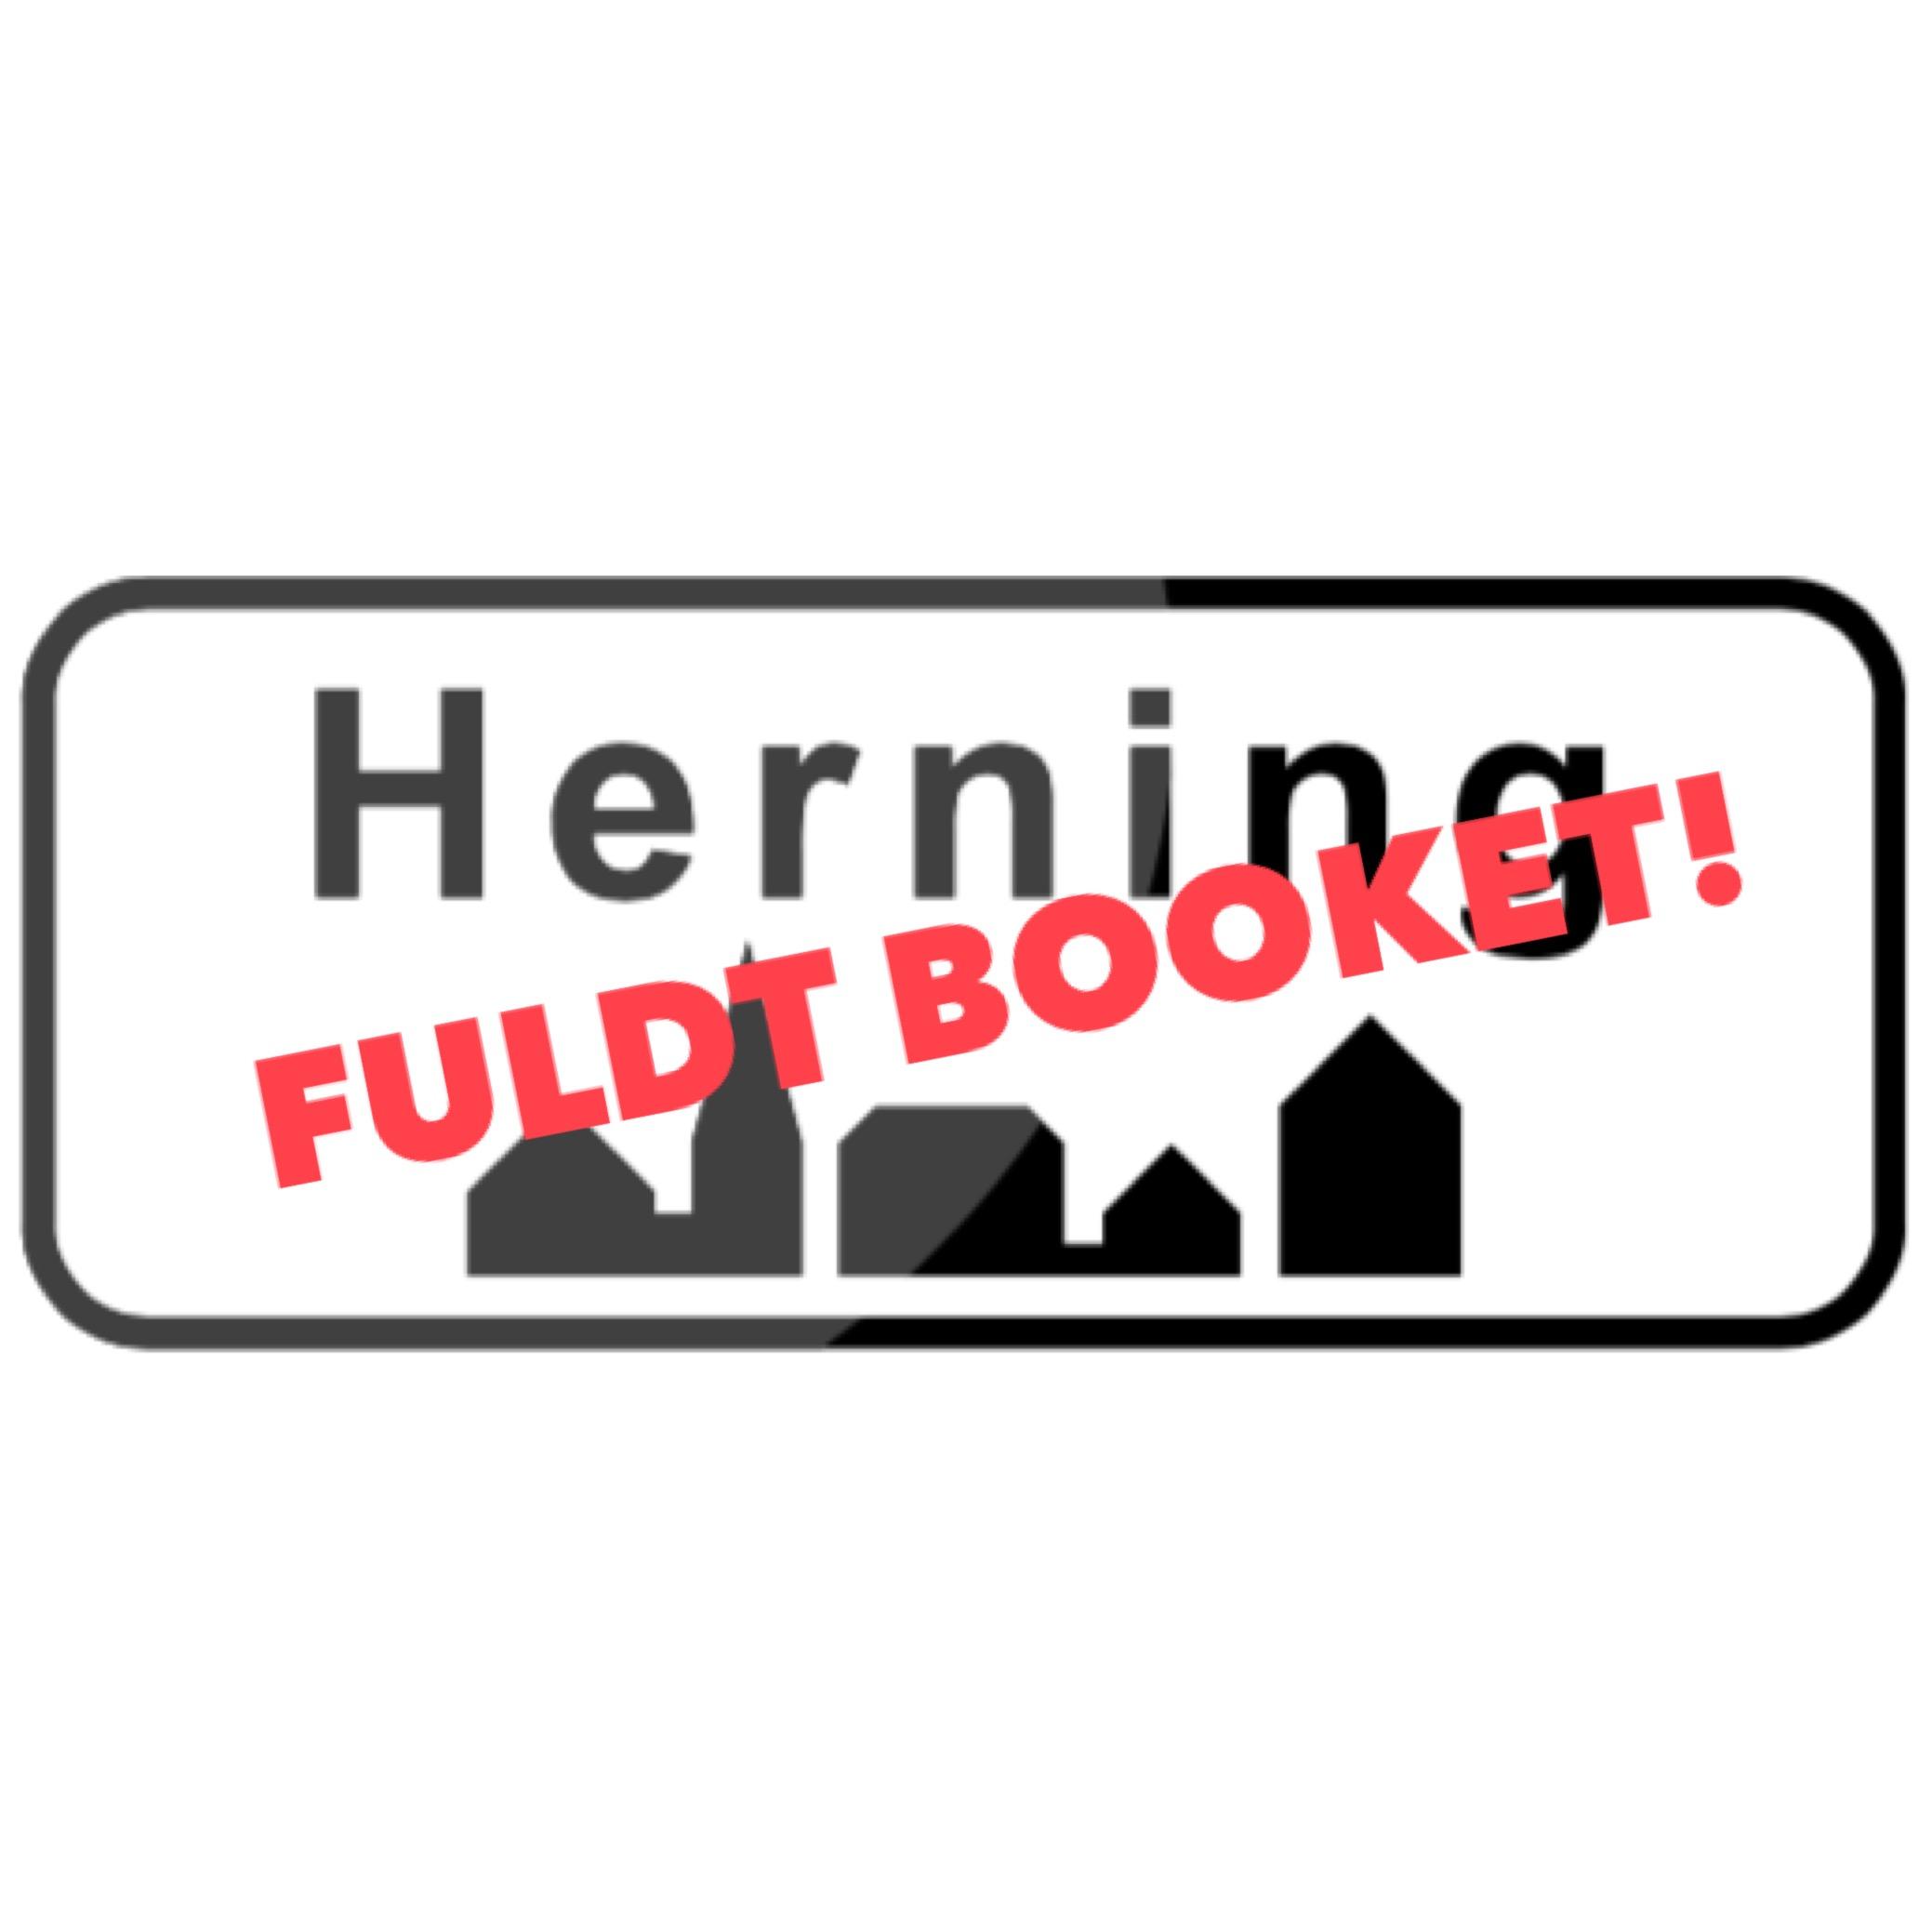 Opstart d. 2. april - fuldt booket!  Tilmeld mig venteliste for næste Sense Bootcamp